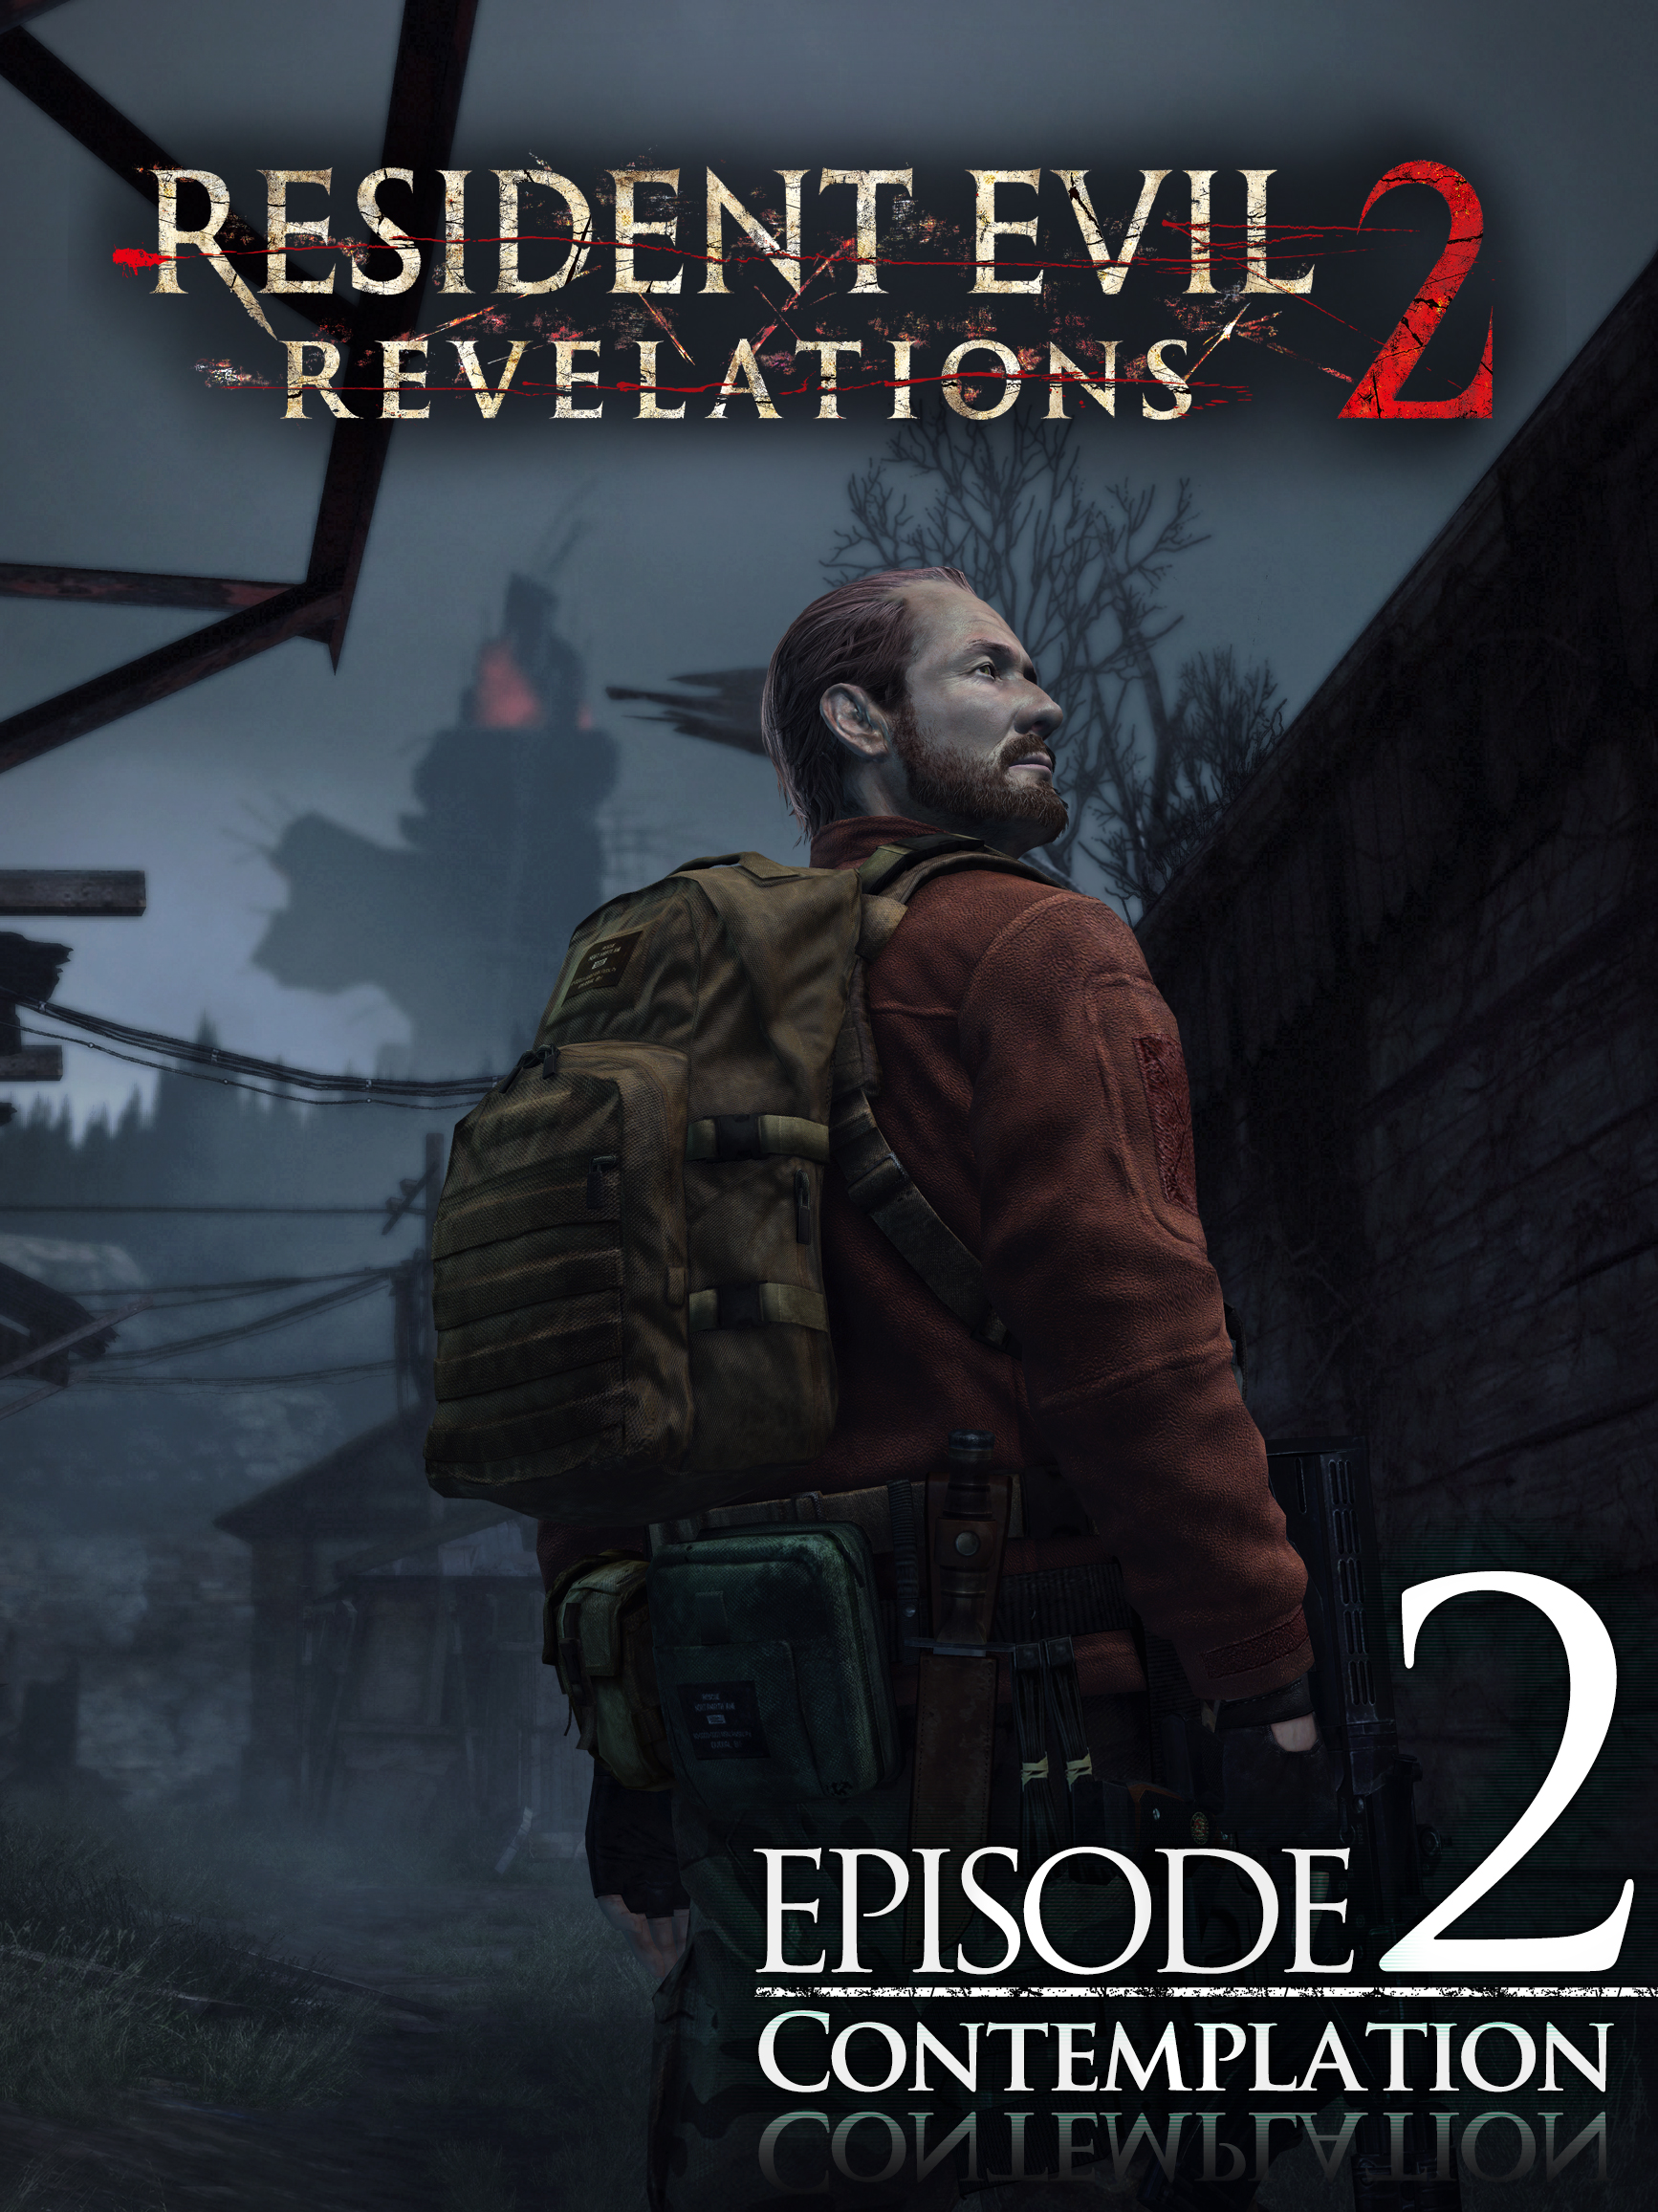 File:Revelations 2 - Episode 2 poster.jpg